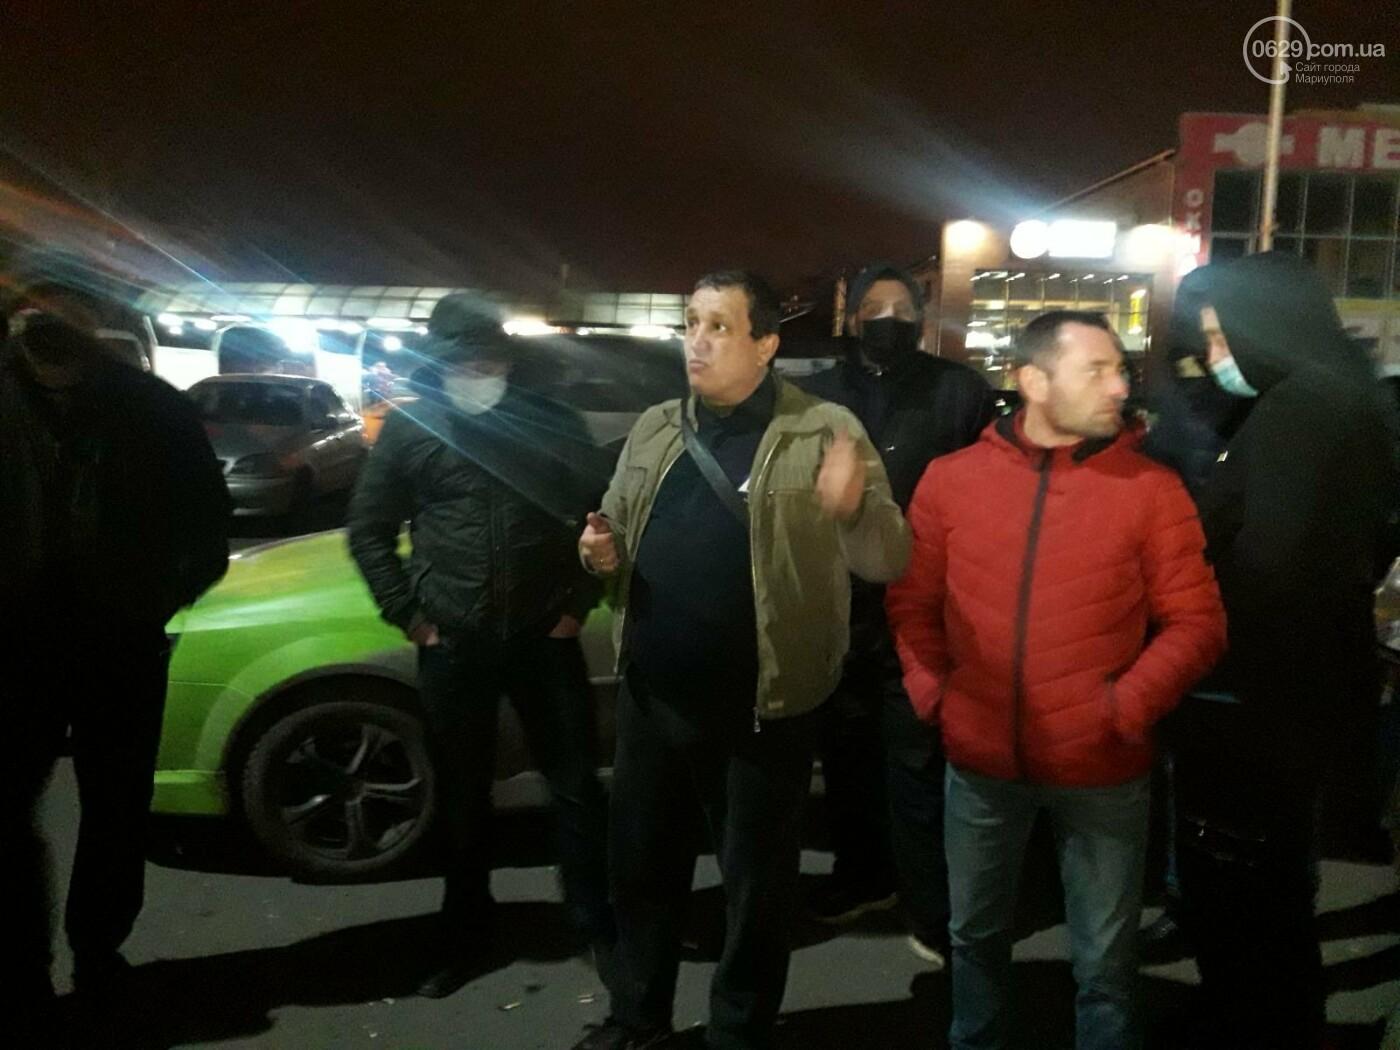 Нужно повысить тариф! В Мариуполе ночью митингуют таксисты, - ФОТО, фото-4